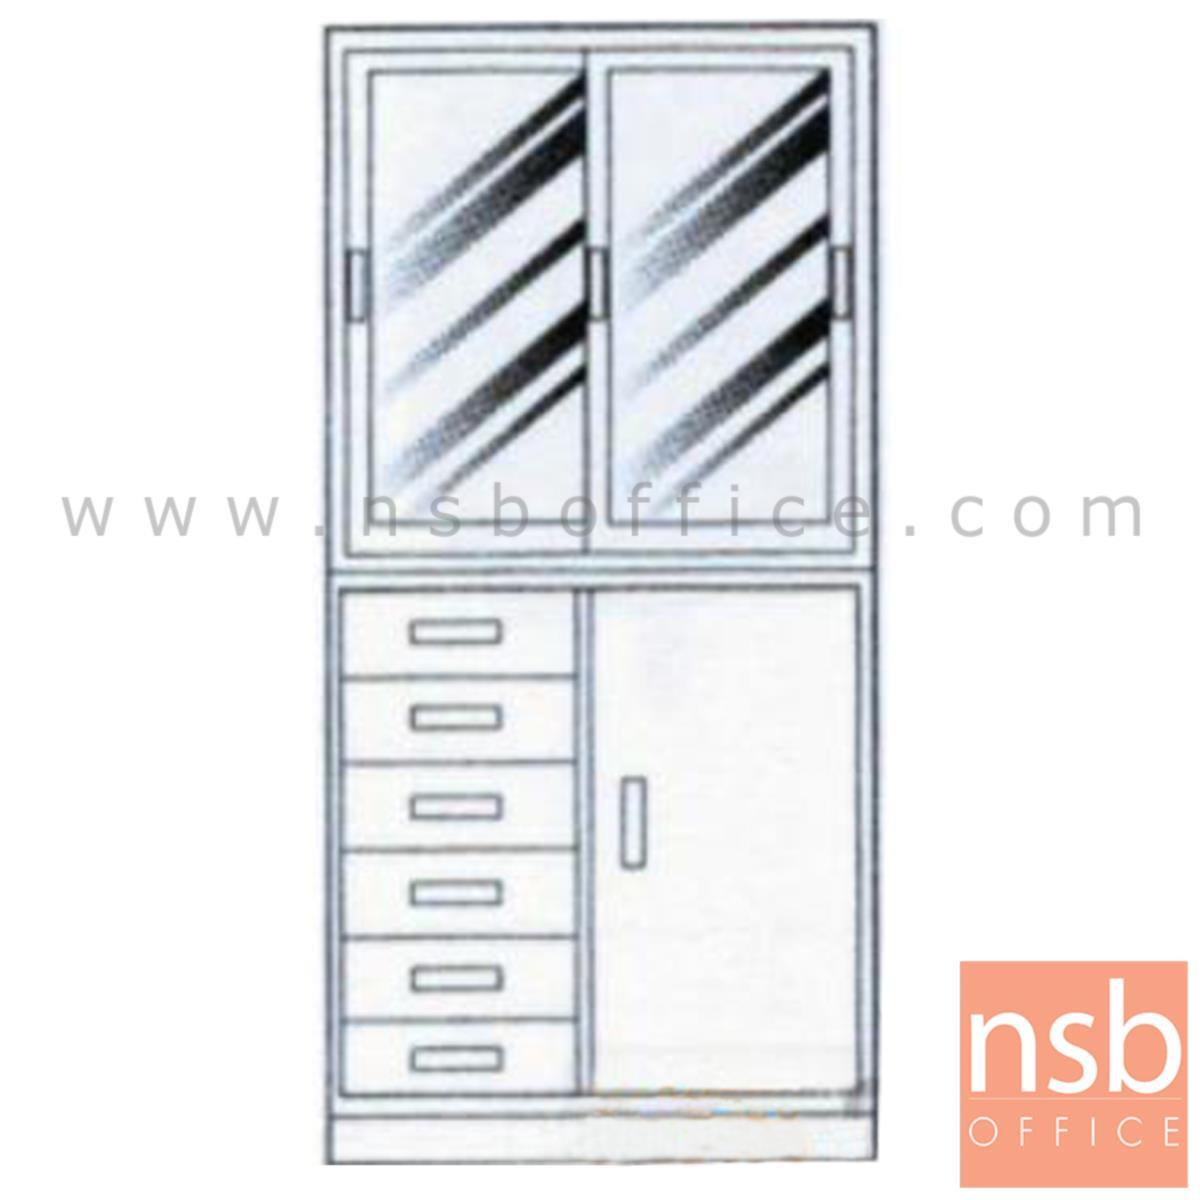 E02A043: ชุดตู้เก็บเอกสารเหล็ก 3 ฟุต บนบานเลื่อนกระจก ล่าง 6 ลิ้นชักเอนกประสงค์ พร้อมฐานรอง